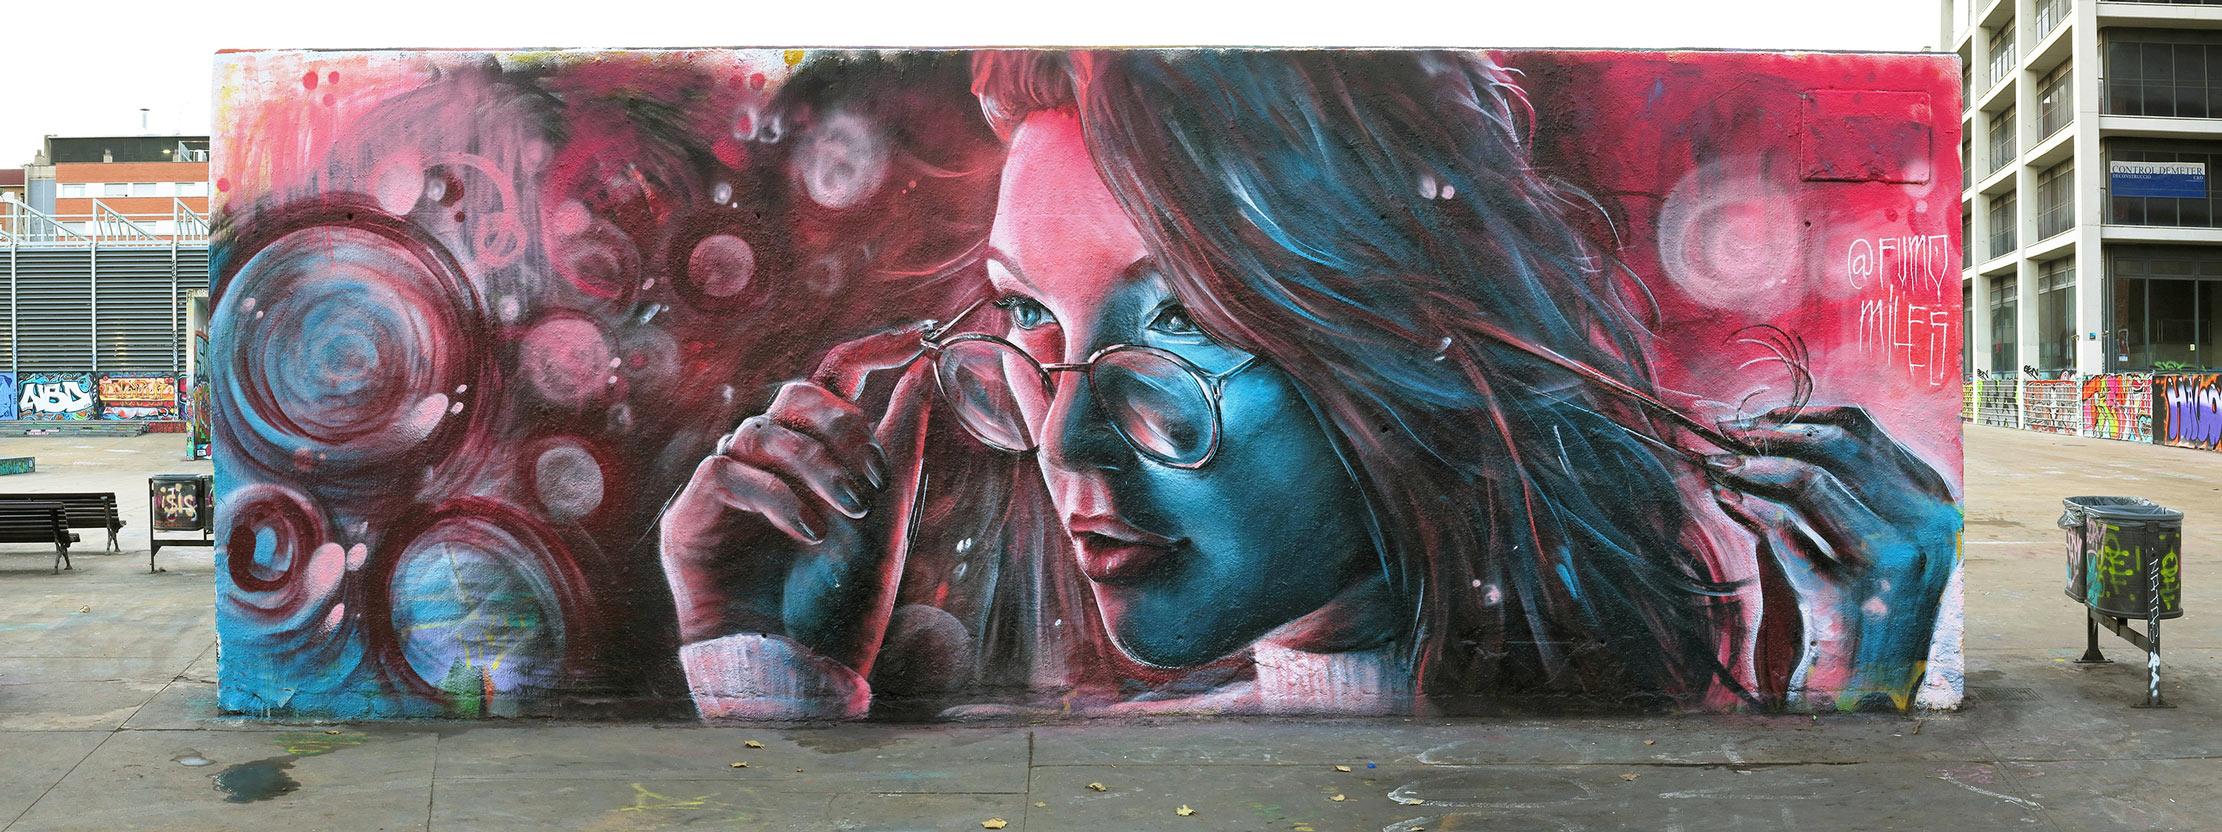 arte urbano Fumomiles Barcelona